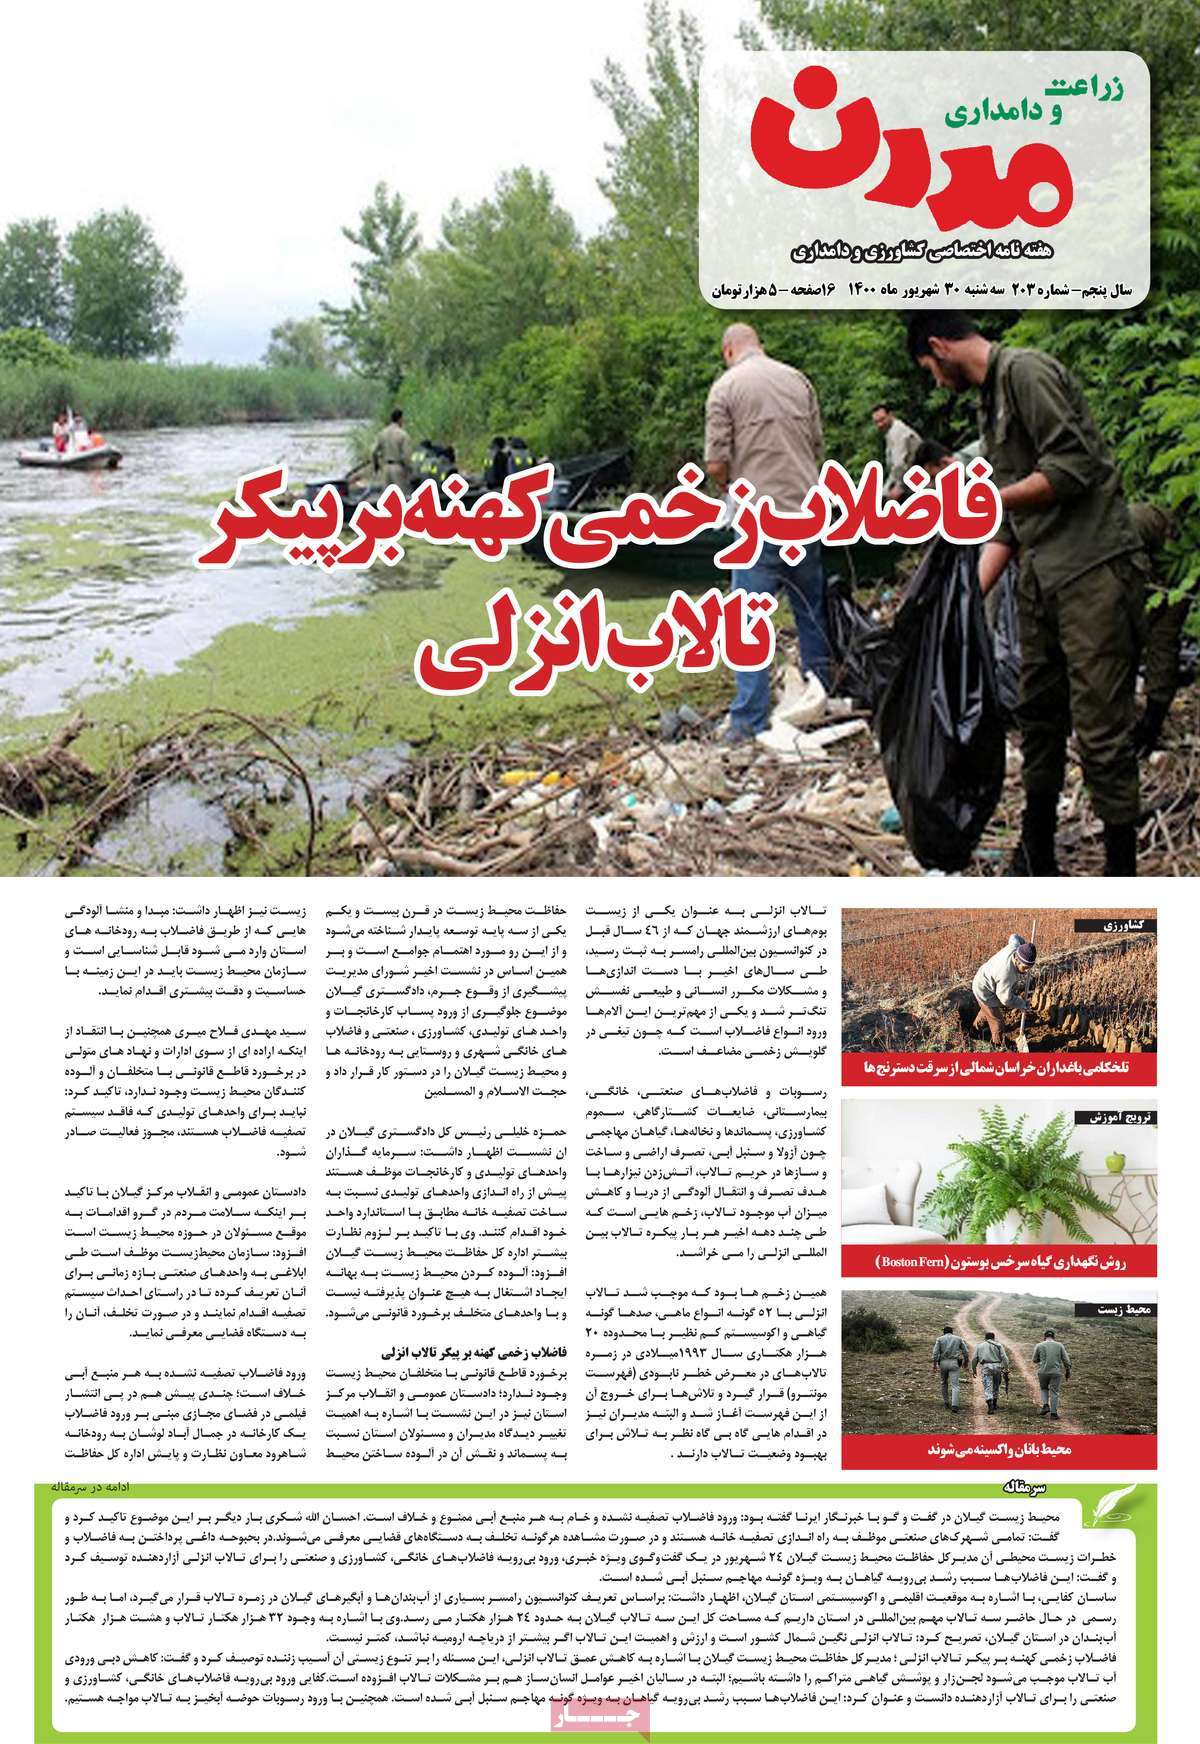 صفحه نخست مجله زراعت و دامداری مدرن - سه شنبه, ۳۰ شهریور ۱۴۰۰